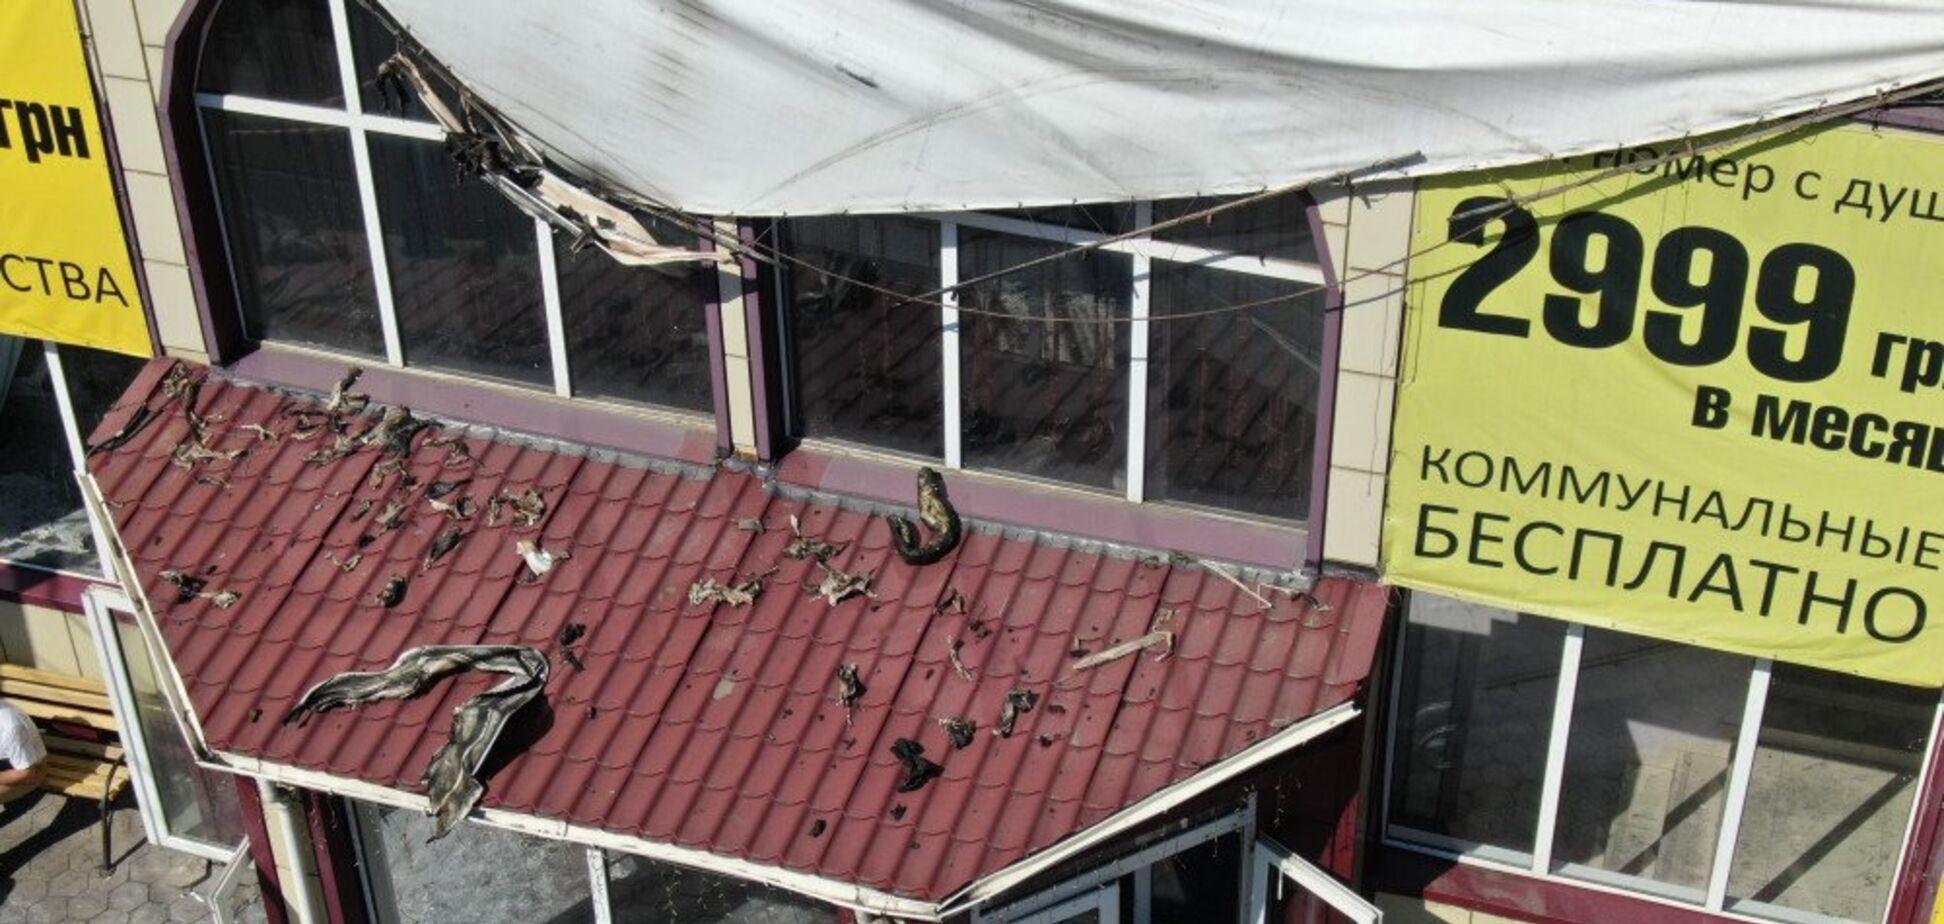 Готель в Одесі зняли з дрона після пожежі: опубліковані фото і відео